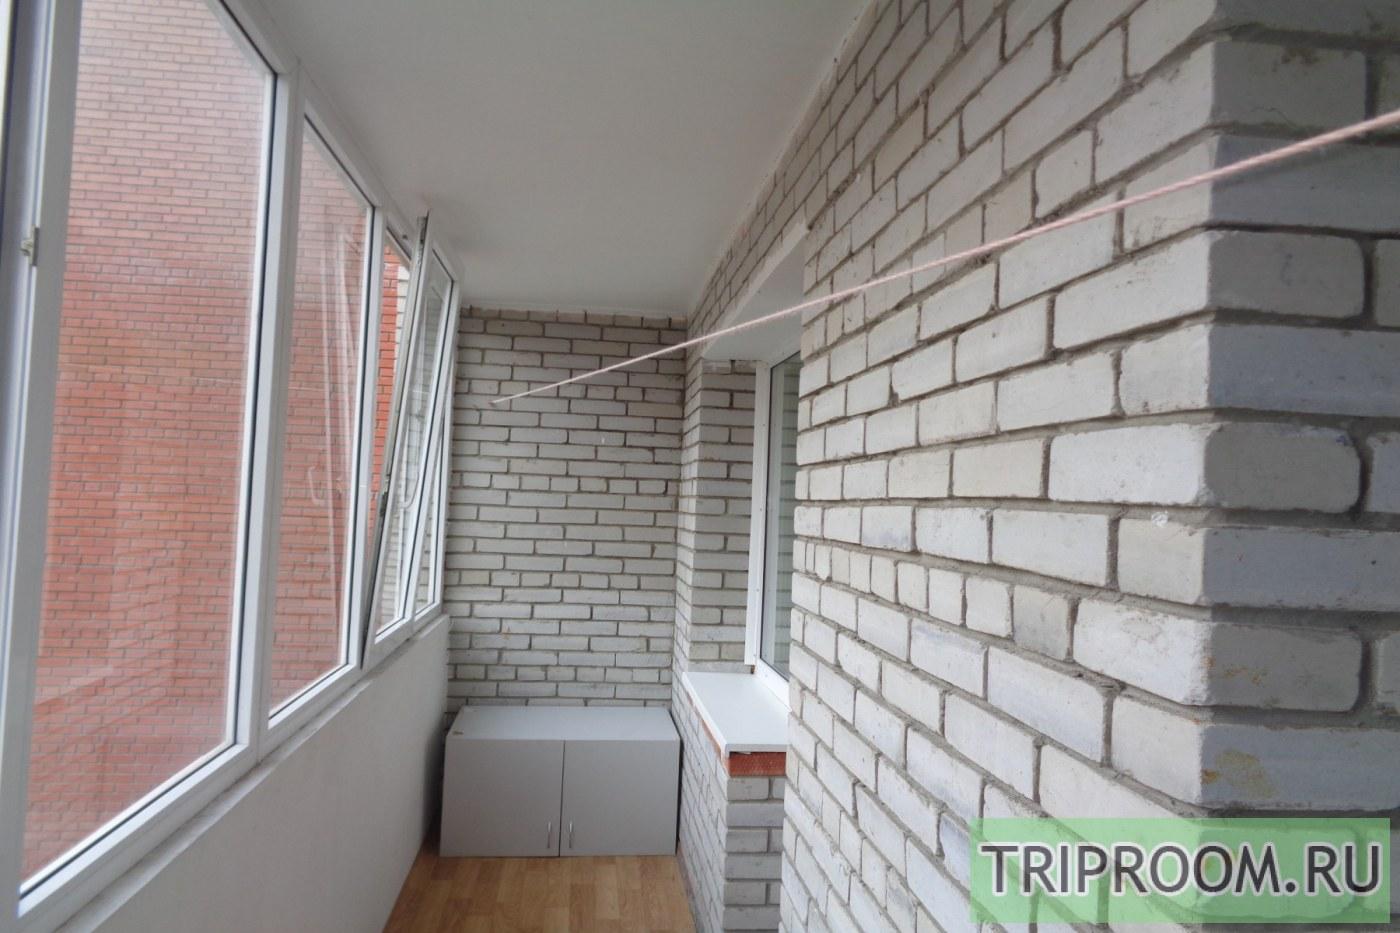 2-комнатная квартира посуточно (вариант № 33612), ул. Учебная улица, фото № 7